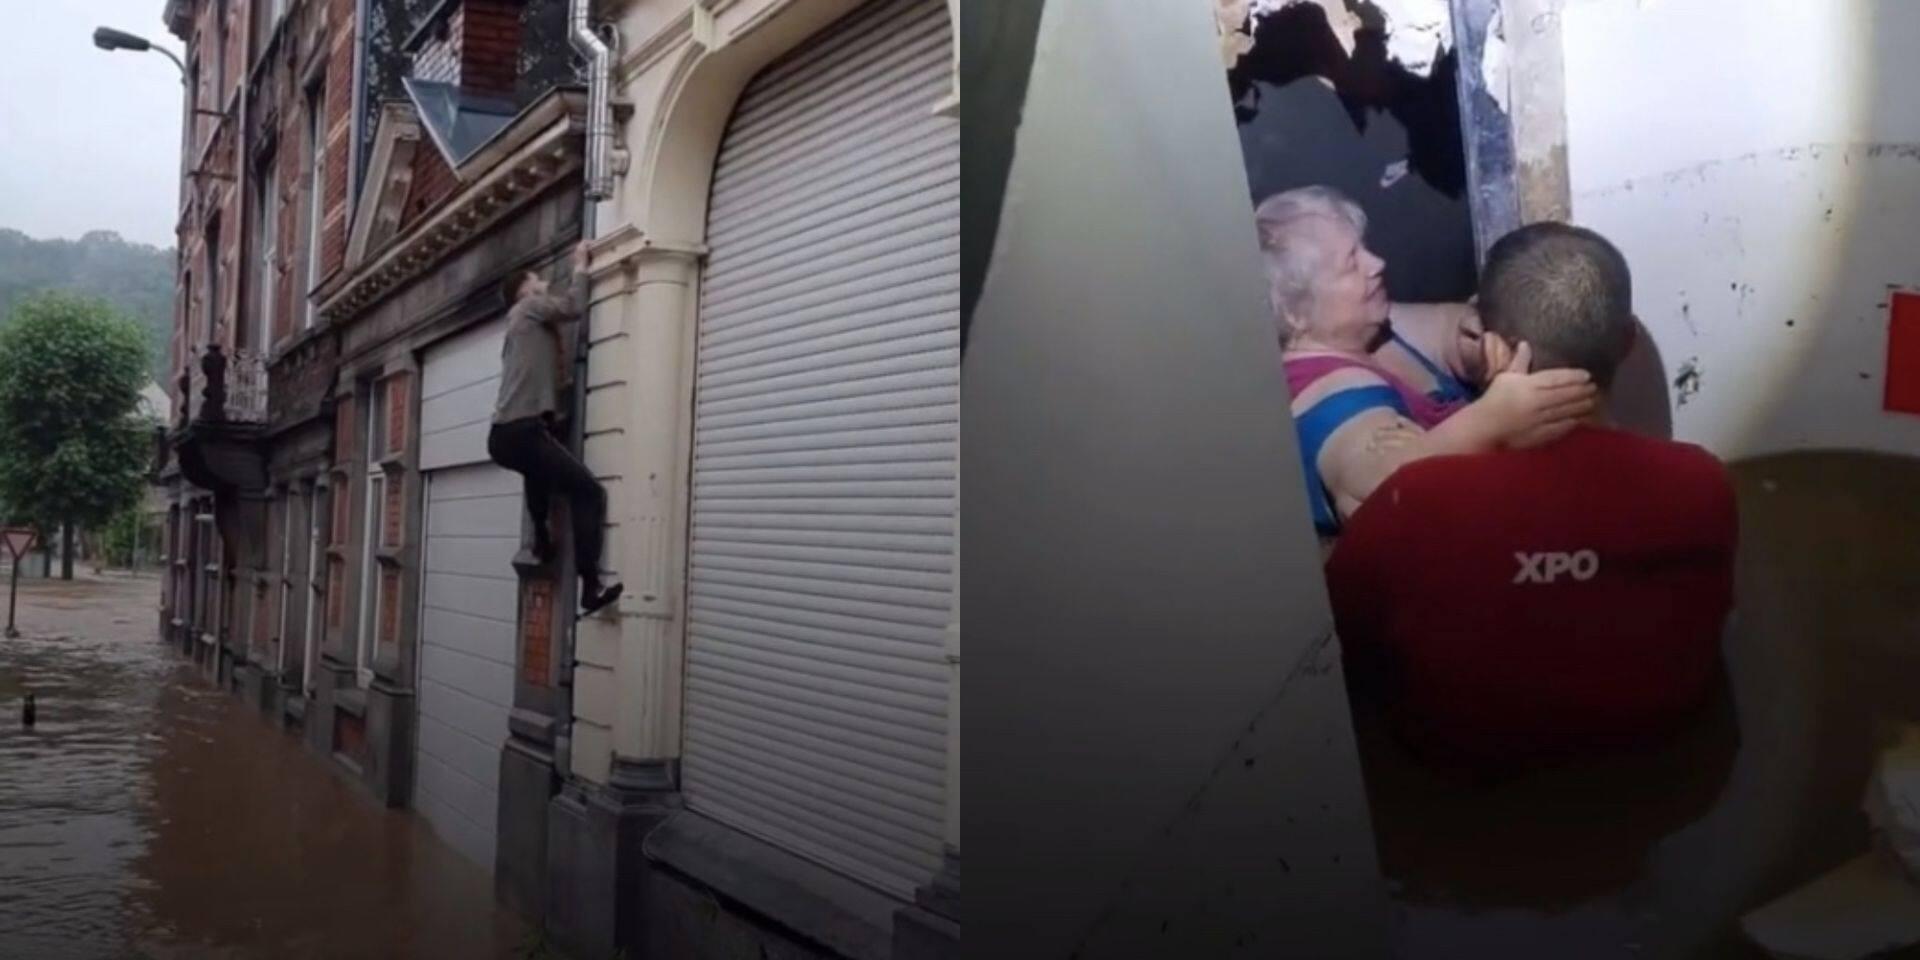 """Un homme grimpe sur une façade pour sauver une personne âgée: """"Tous les héros ne portent pas de cape"""" (VIDEO)"""